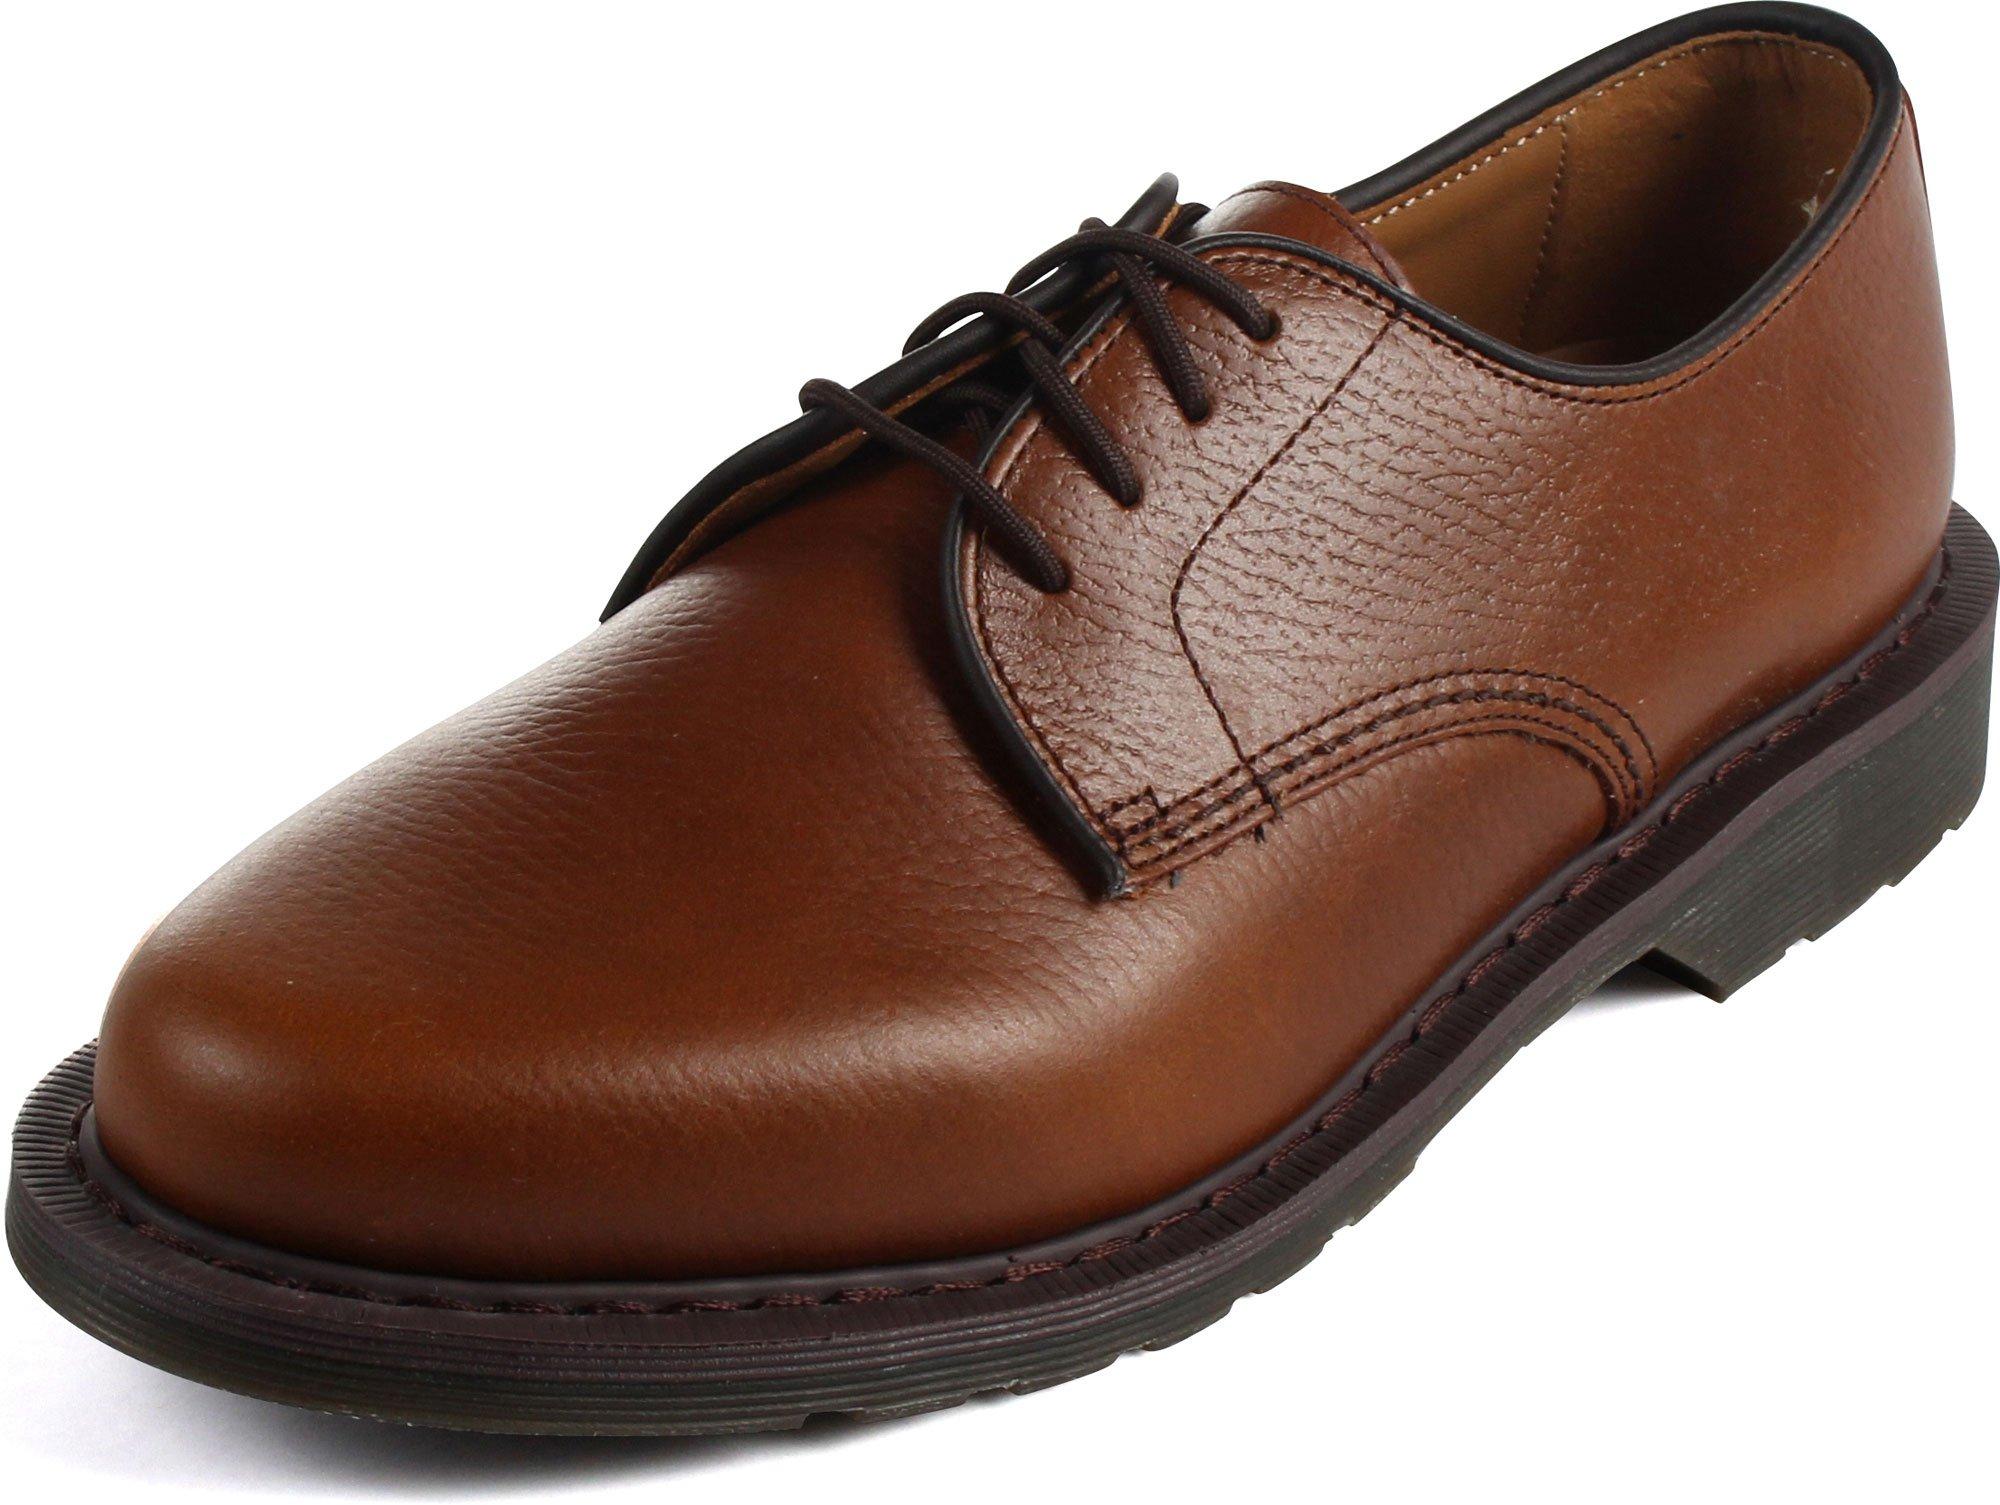 Dr. Martens Men's Octavious Oxford, Tan New Nova, 6 M UK/7 M US